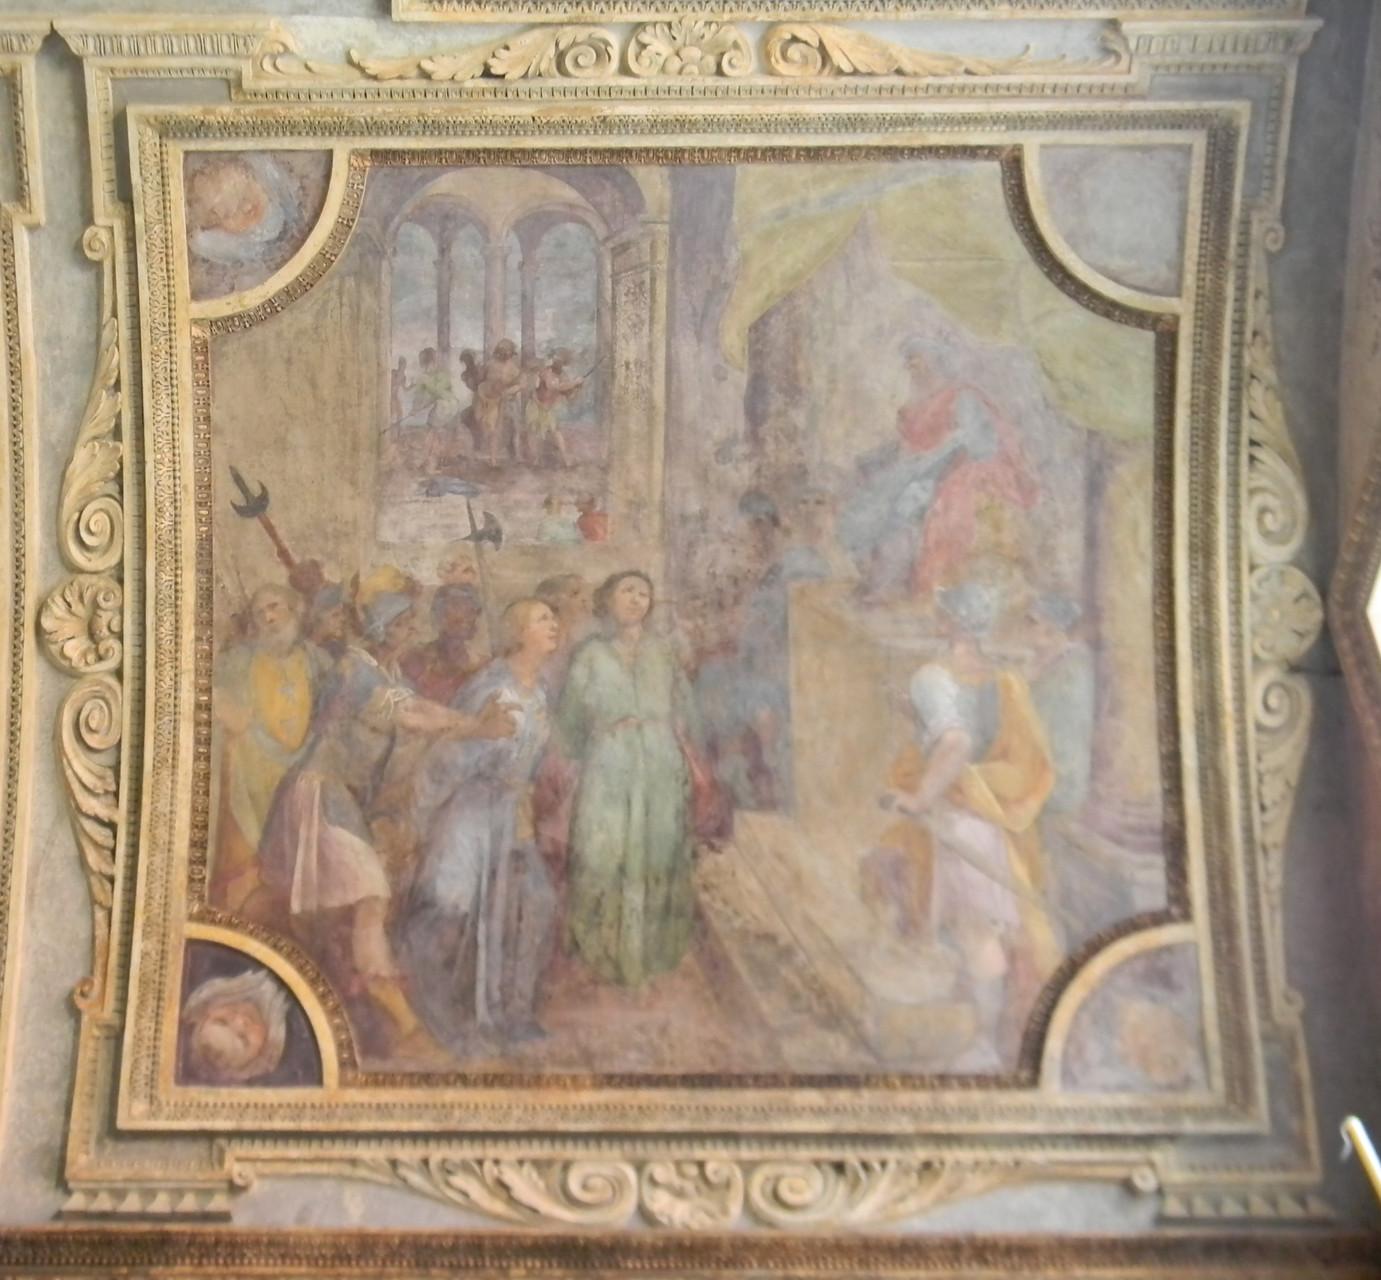 """B. CORENZIO-A. NUCCI-V. DE PINO, """"I SS Primiano e Firmiano condotti davanti al giudice"""" (1597-1599), affresco. Sullo sfondo, la flagellazione dei due Santi [foto Peppe Guida]"""